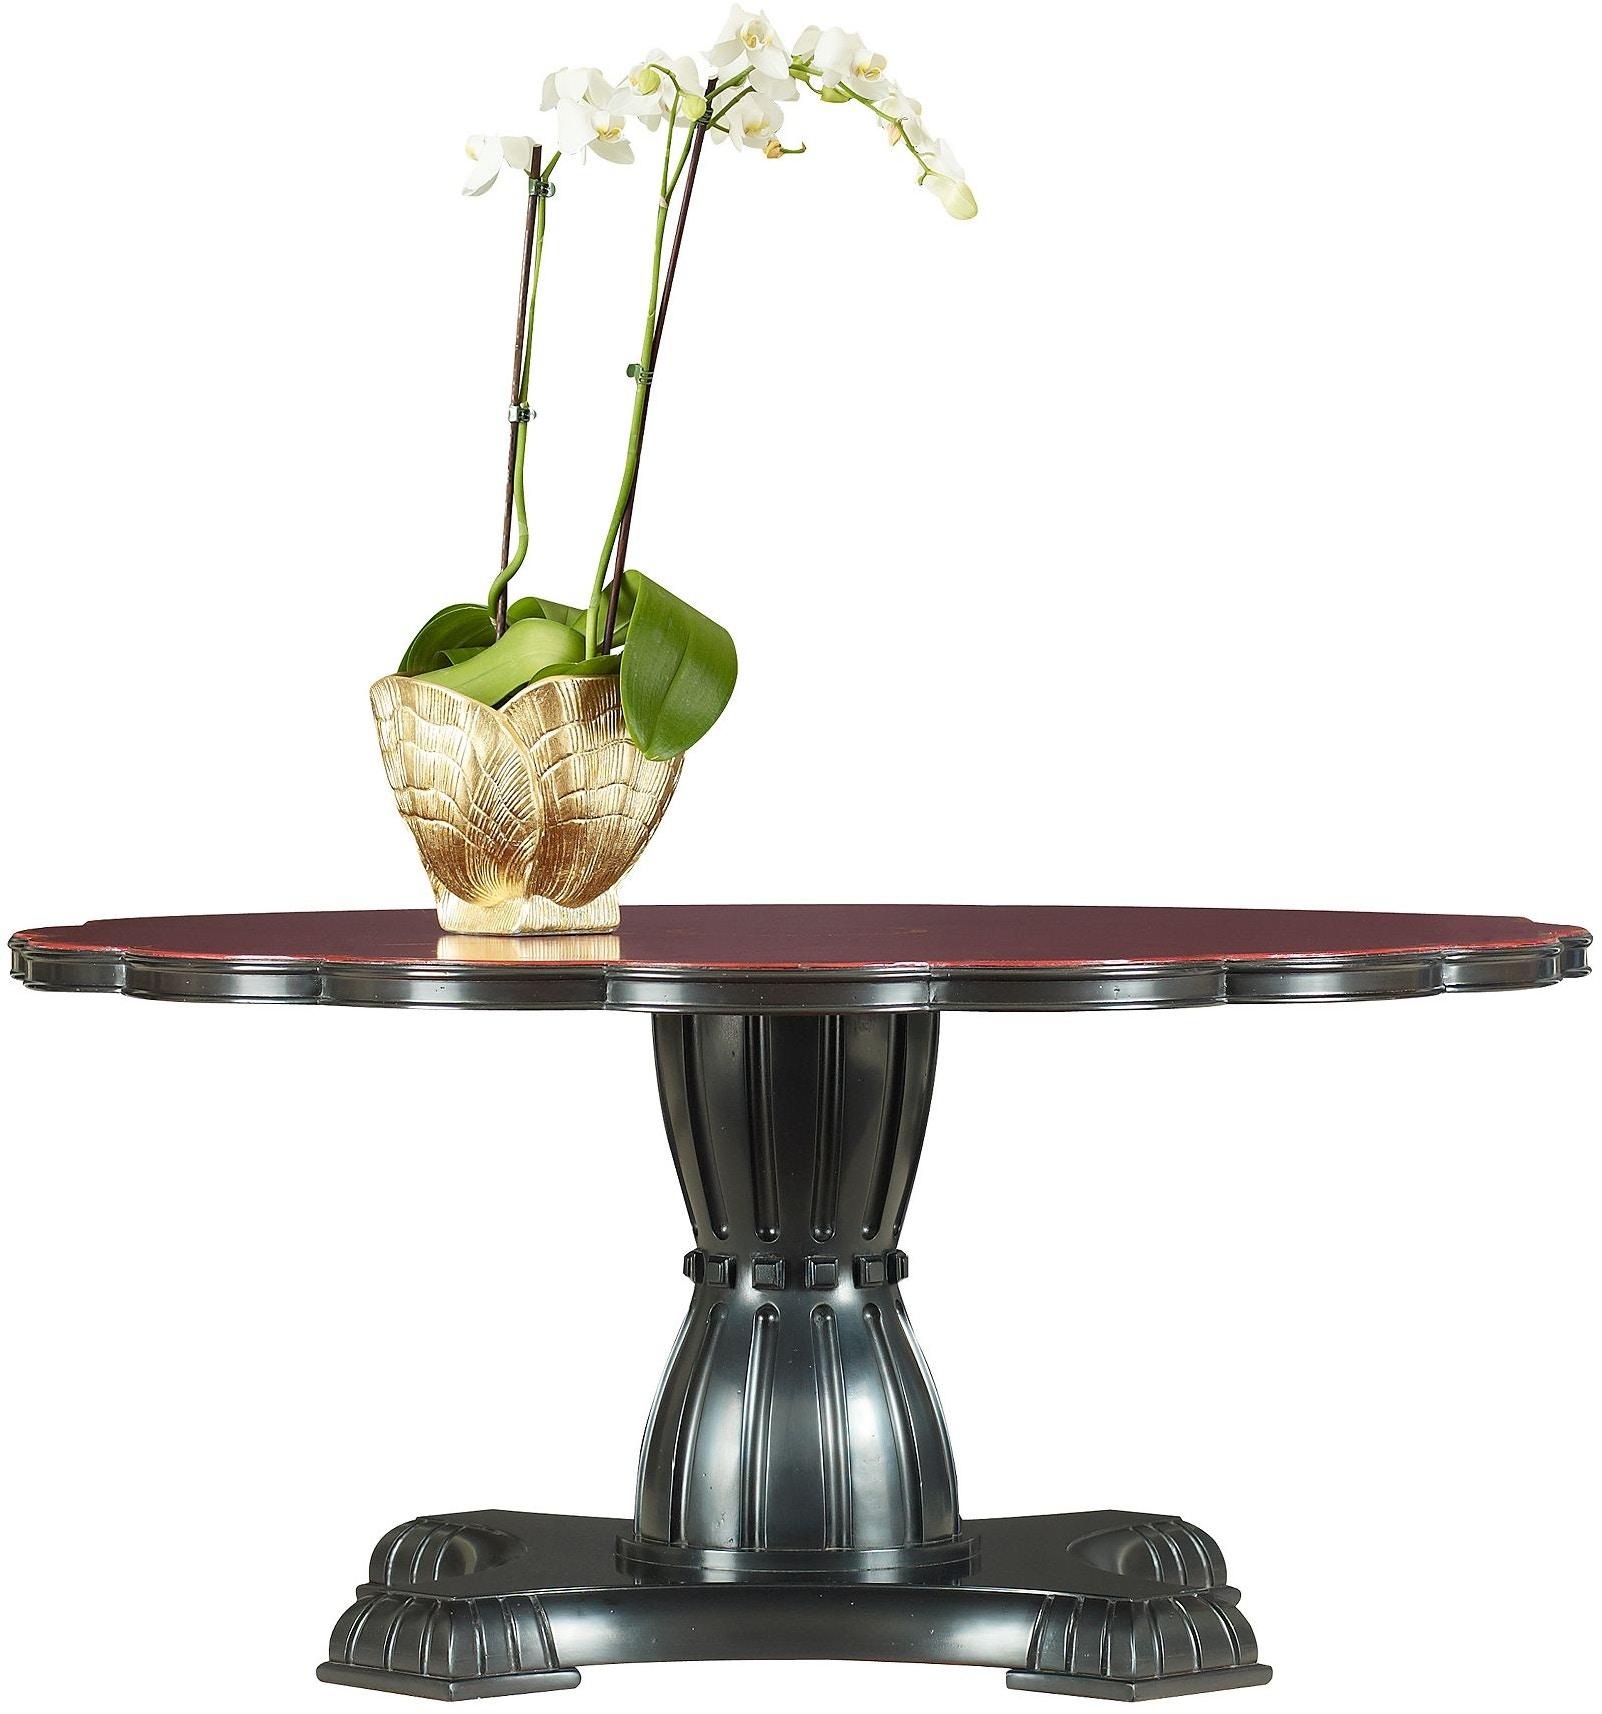 henredon furniture celerie kemble for henredon petal cocktail table 8200 40 - Celerie Kemble Furniture